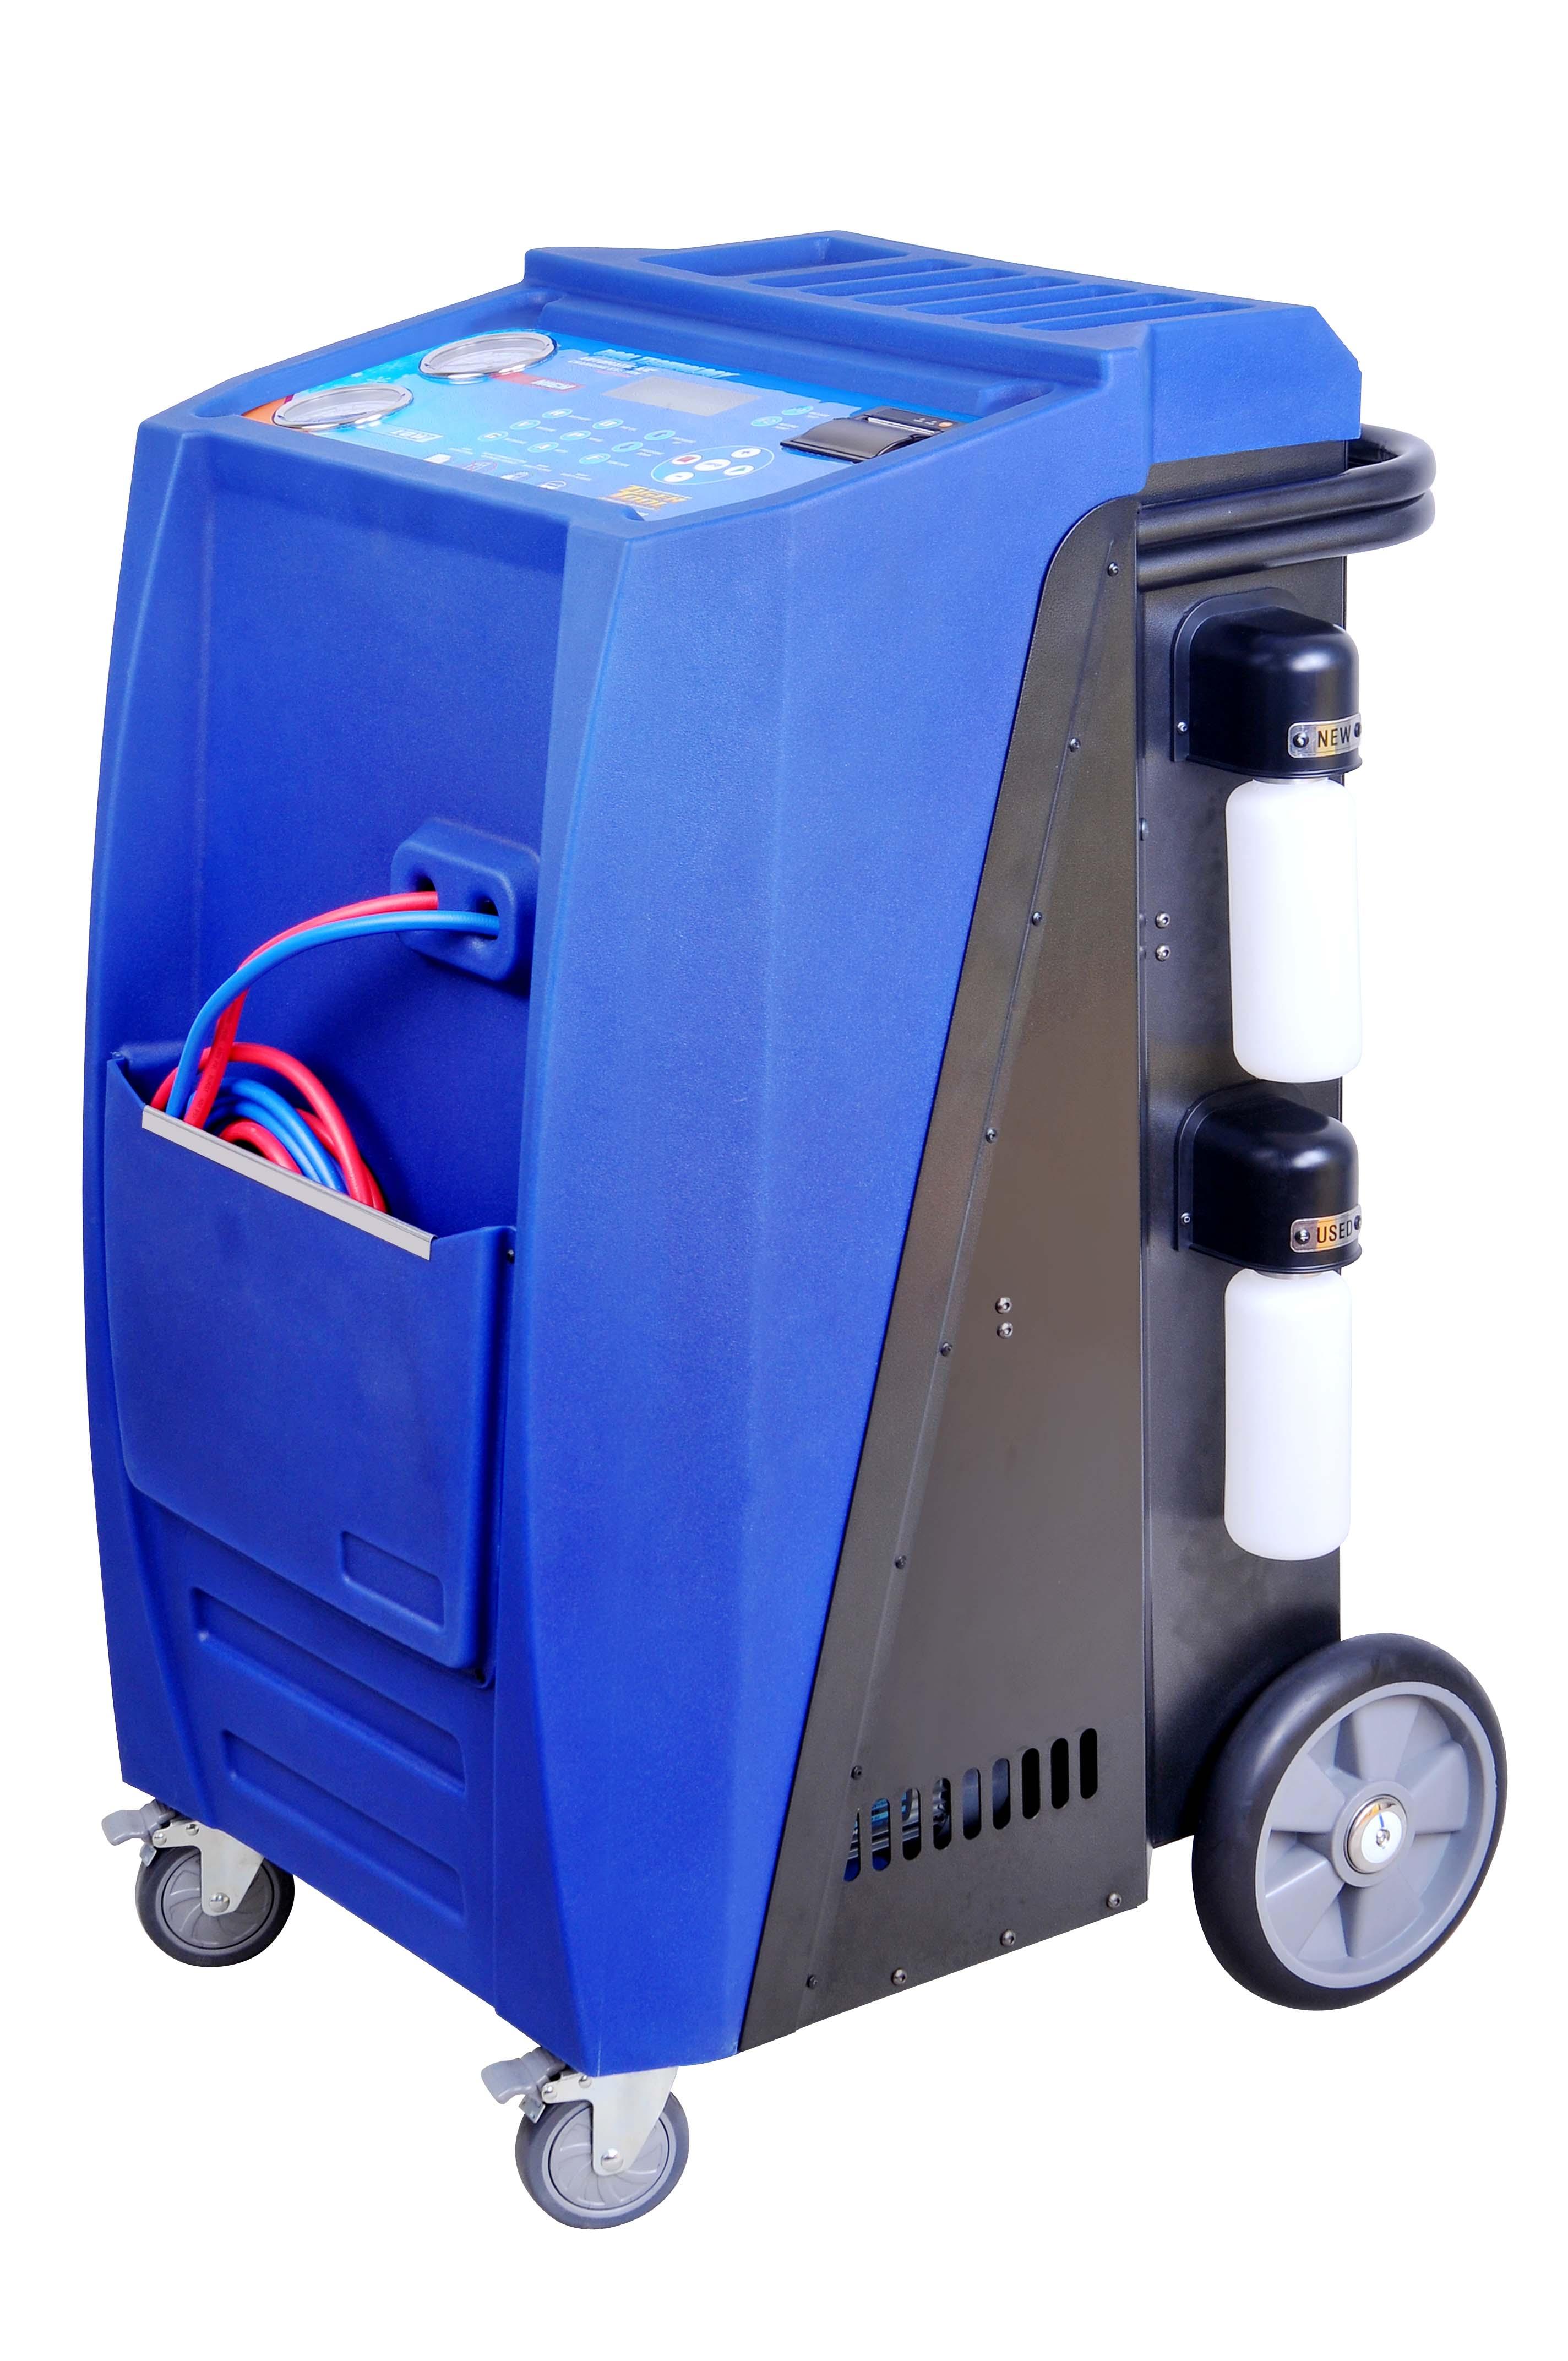 GrunBaum AC7000